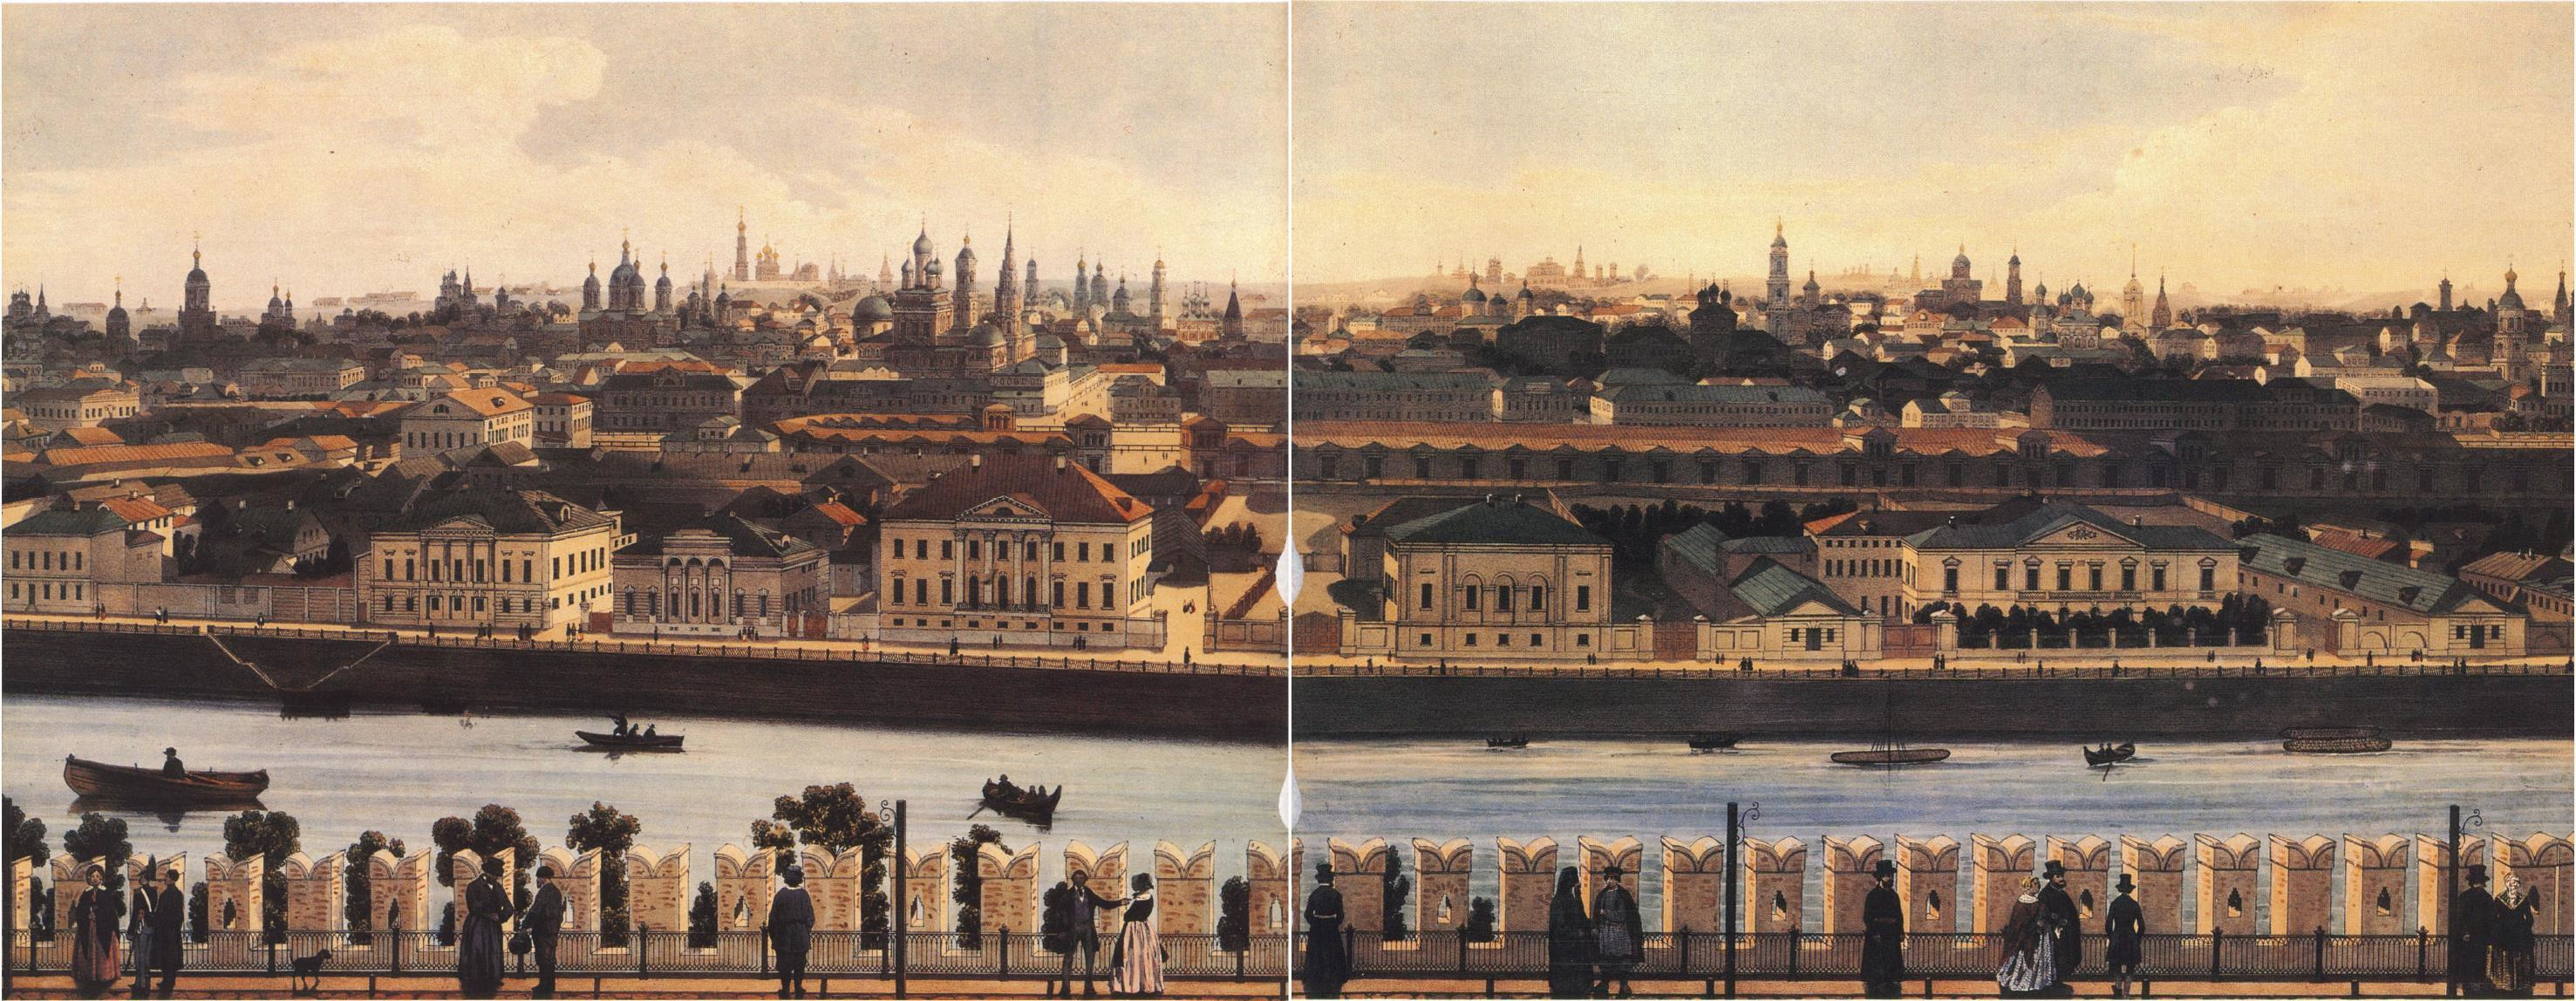 1850-е. Панорама Кремля и Замоскворечья от Тайницкой башни3